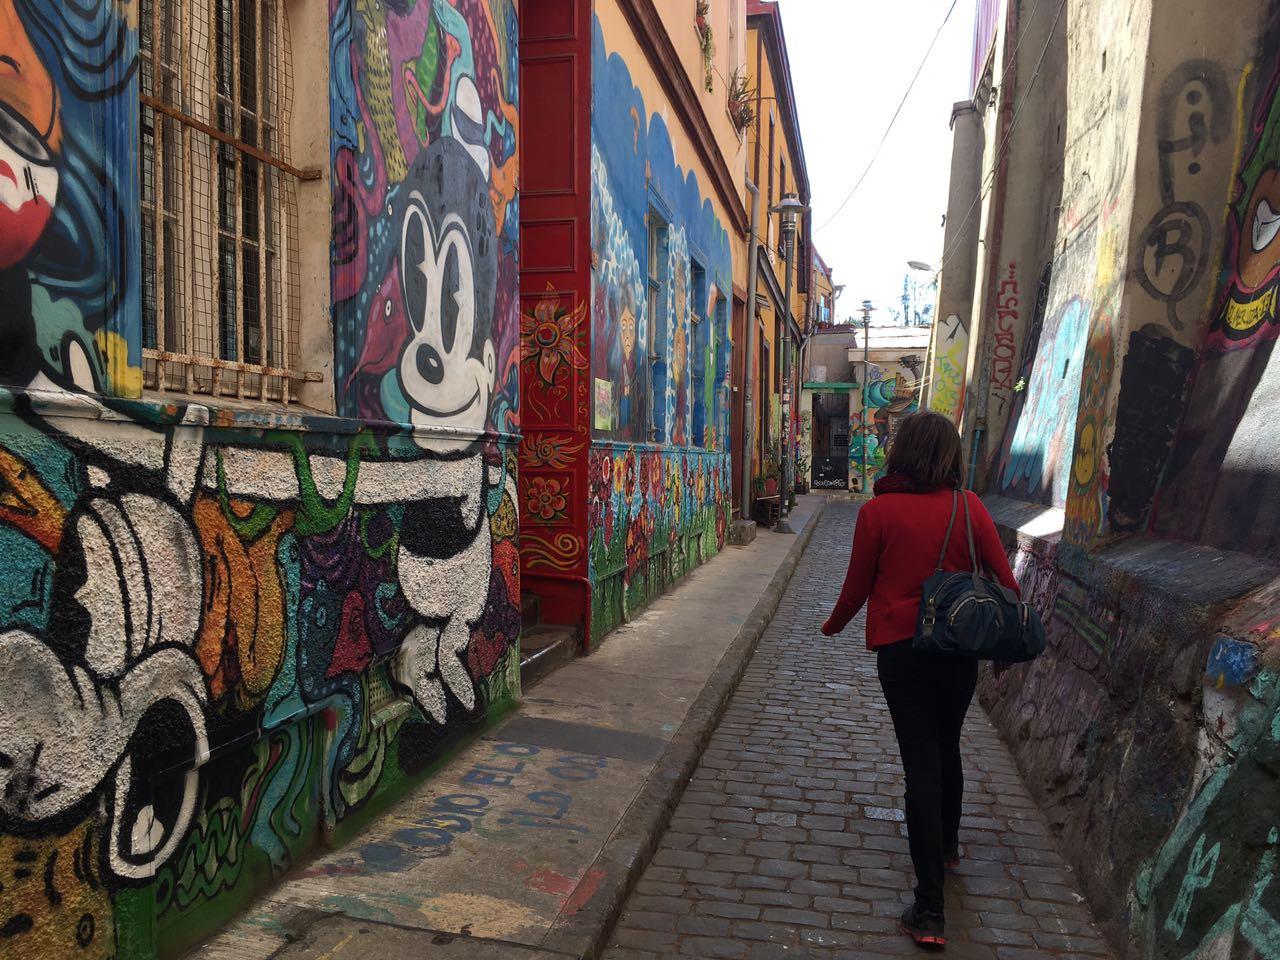 Pelas ruas coloridas de Valparaiso. Foto: arquivo pessoal